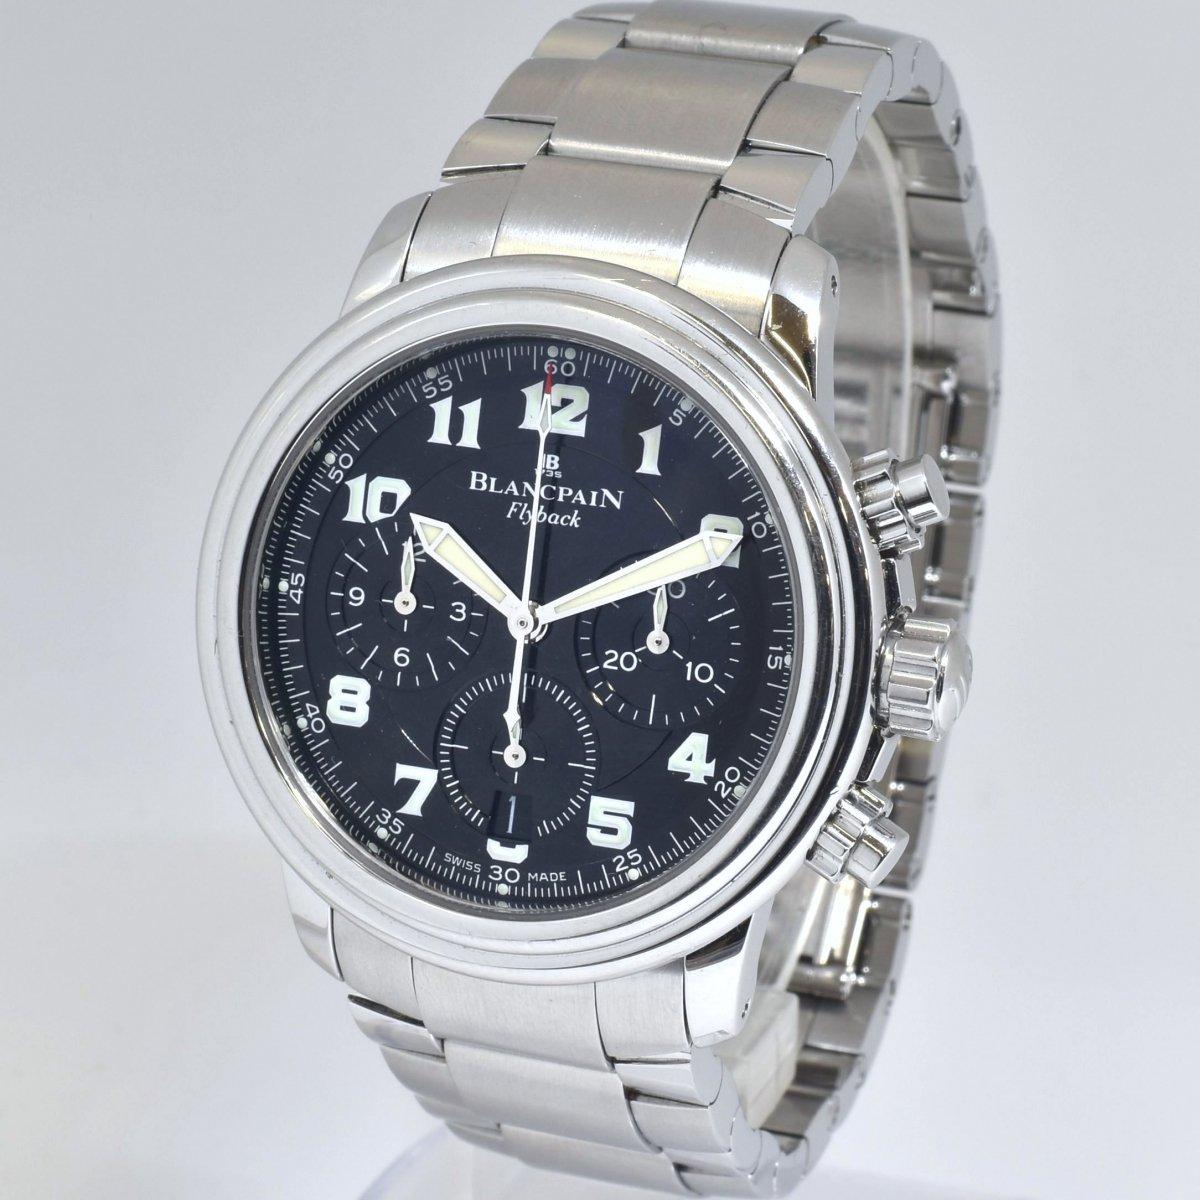 ブランパン/レマンフライバック/2185F-1130-71/オートマチック/クロノグラフ/腕時計/BLANCPAIN/定価:約125万/男性用/メンズ↑